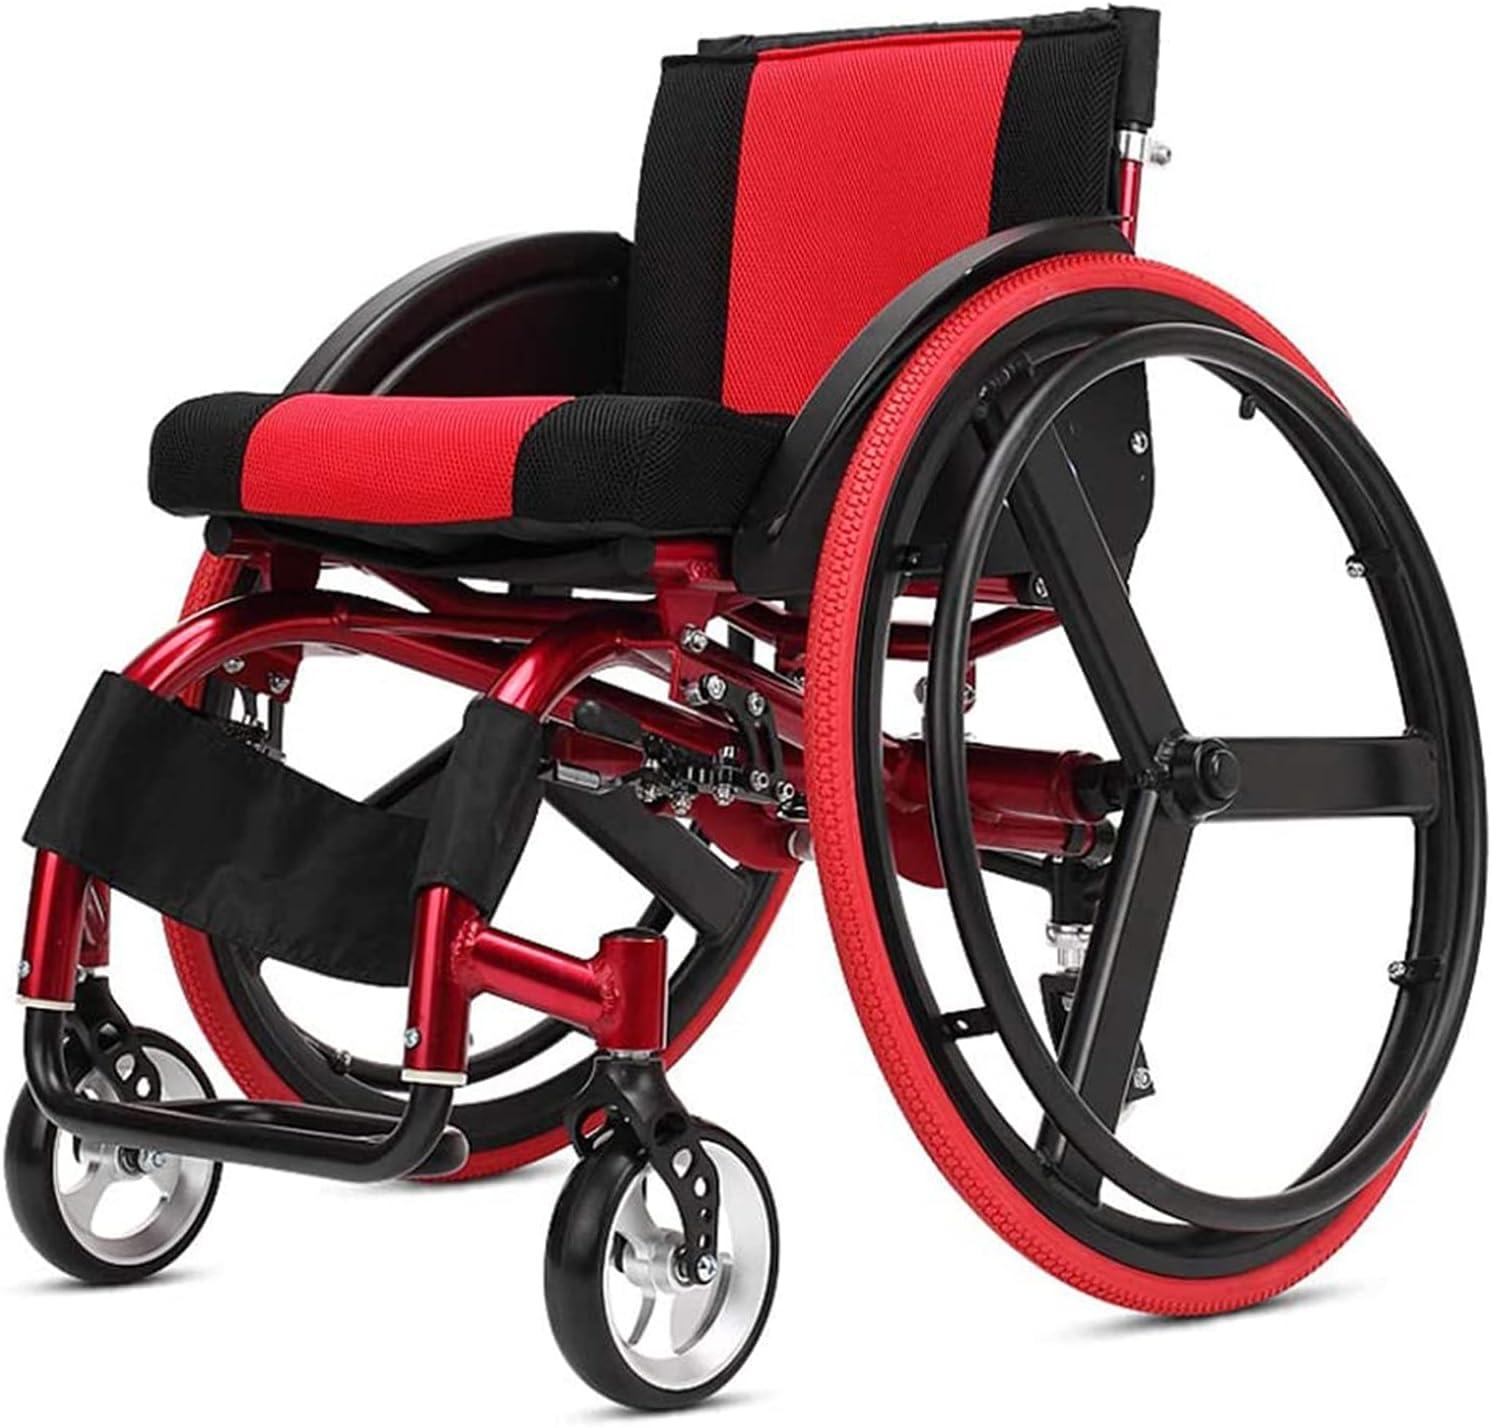 Caiyuankai Ancianos Silla de ruedas Deporte Adulto Manual Autopropulsado Ligero Plegable Aluminio Amortiguación avanzada Golpe Incómodo Ser aplicable Niños Parálisis cerebral Súper ligero